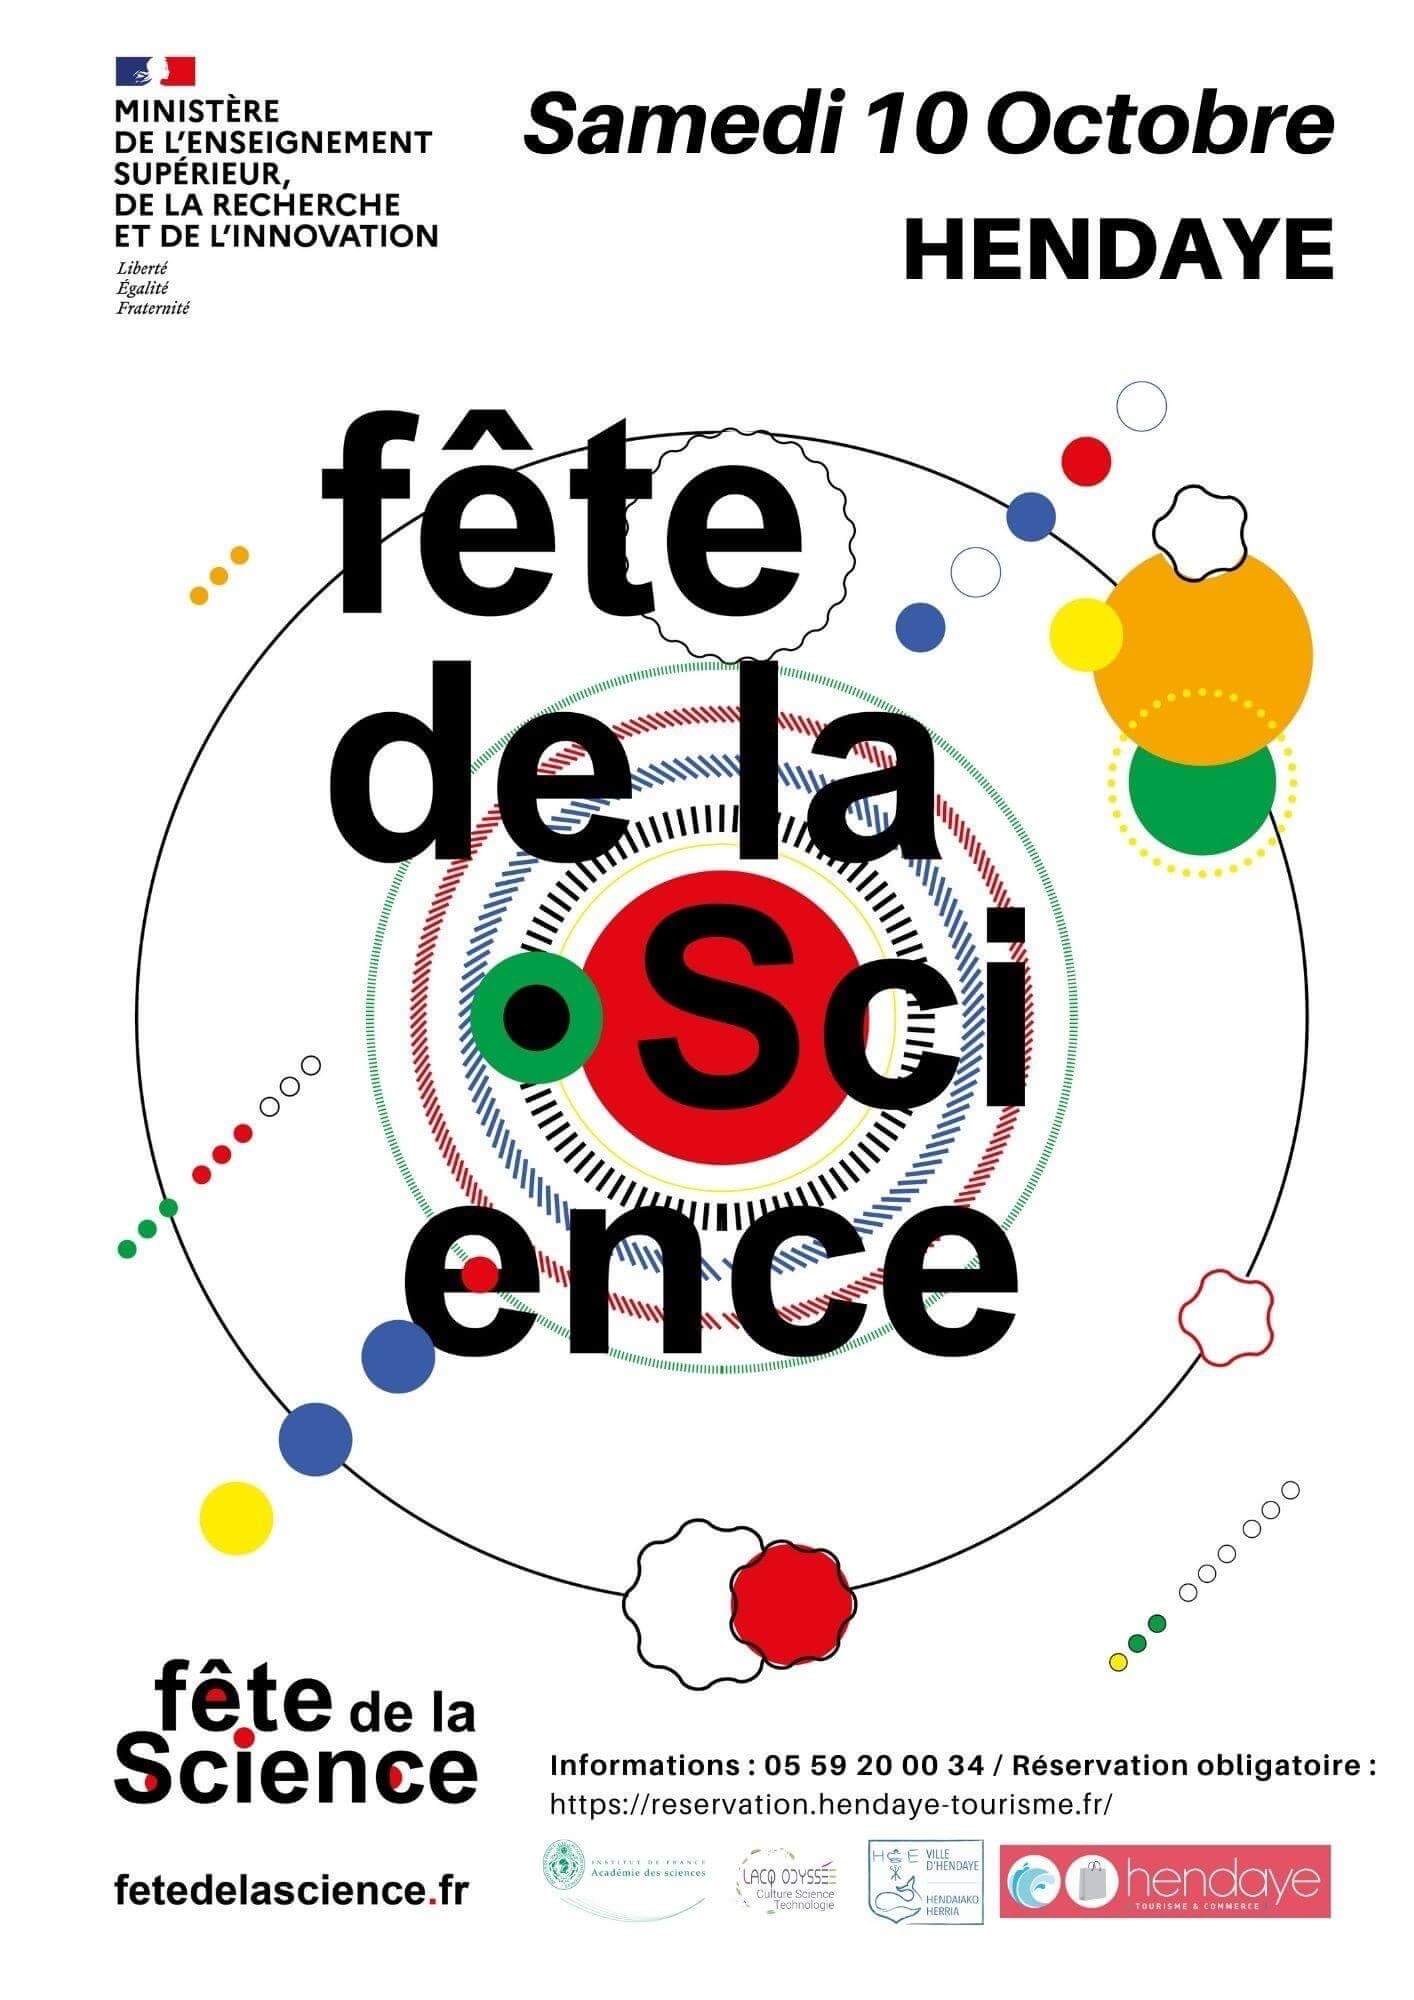 Fête de la science Hendaye